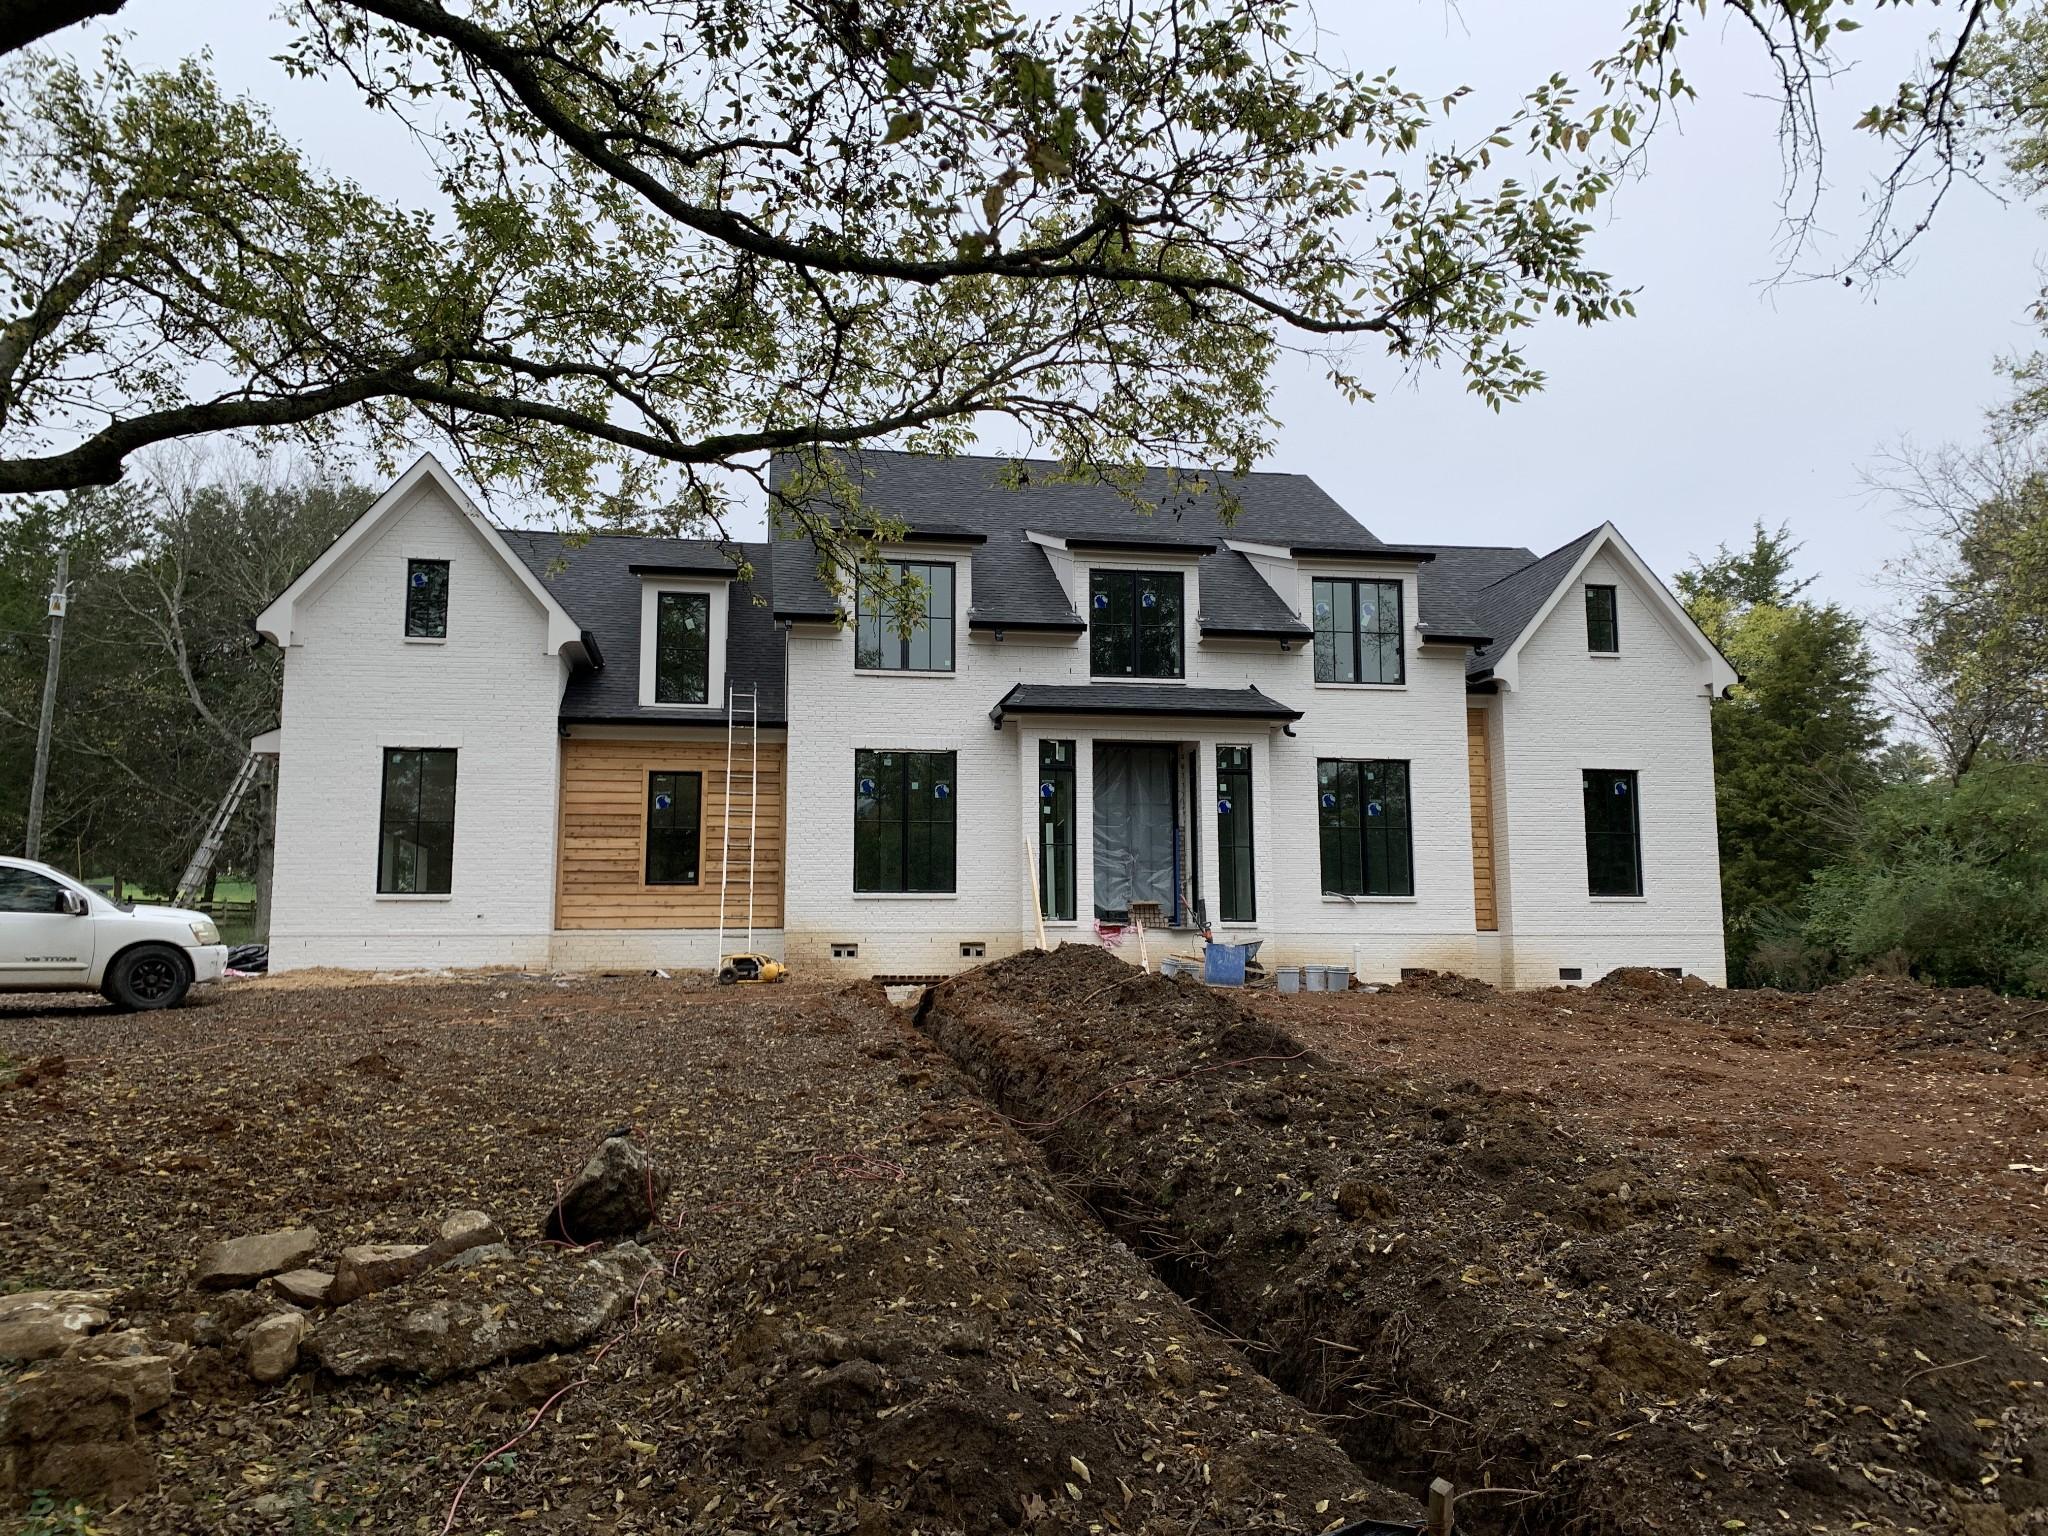 6125 Montcrest Dr Property Photo - Nashville, TN real estate listing